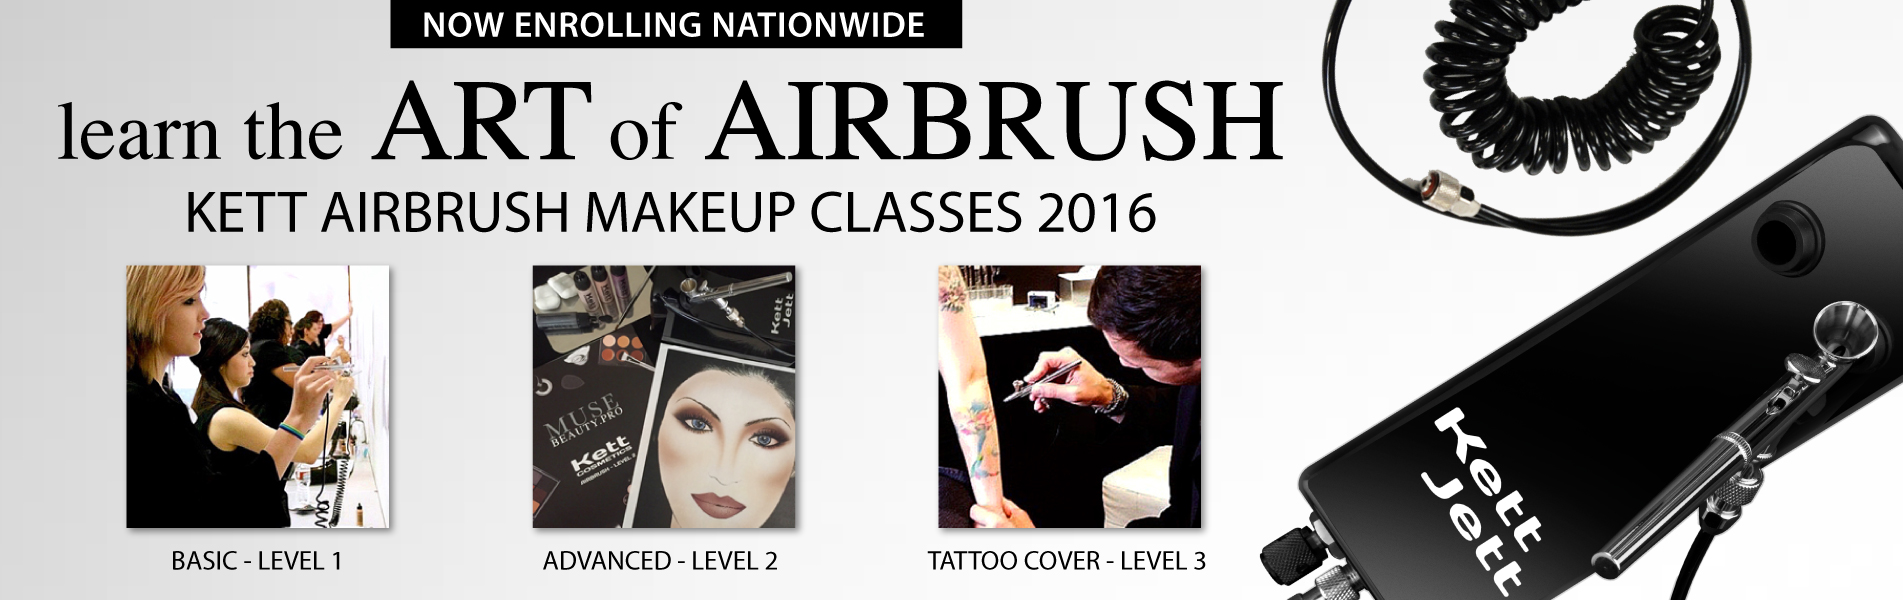 KETT Airbrush Makeup Classes